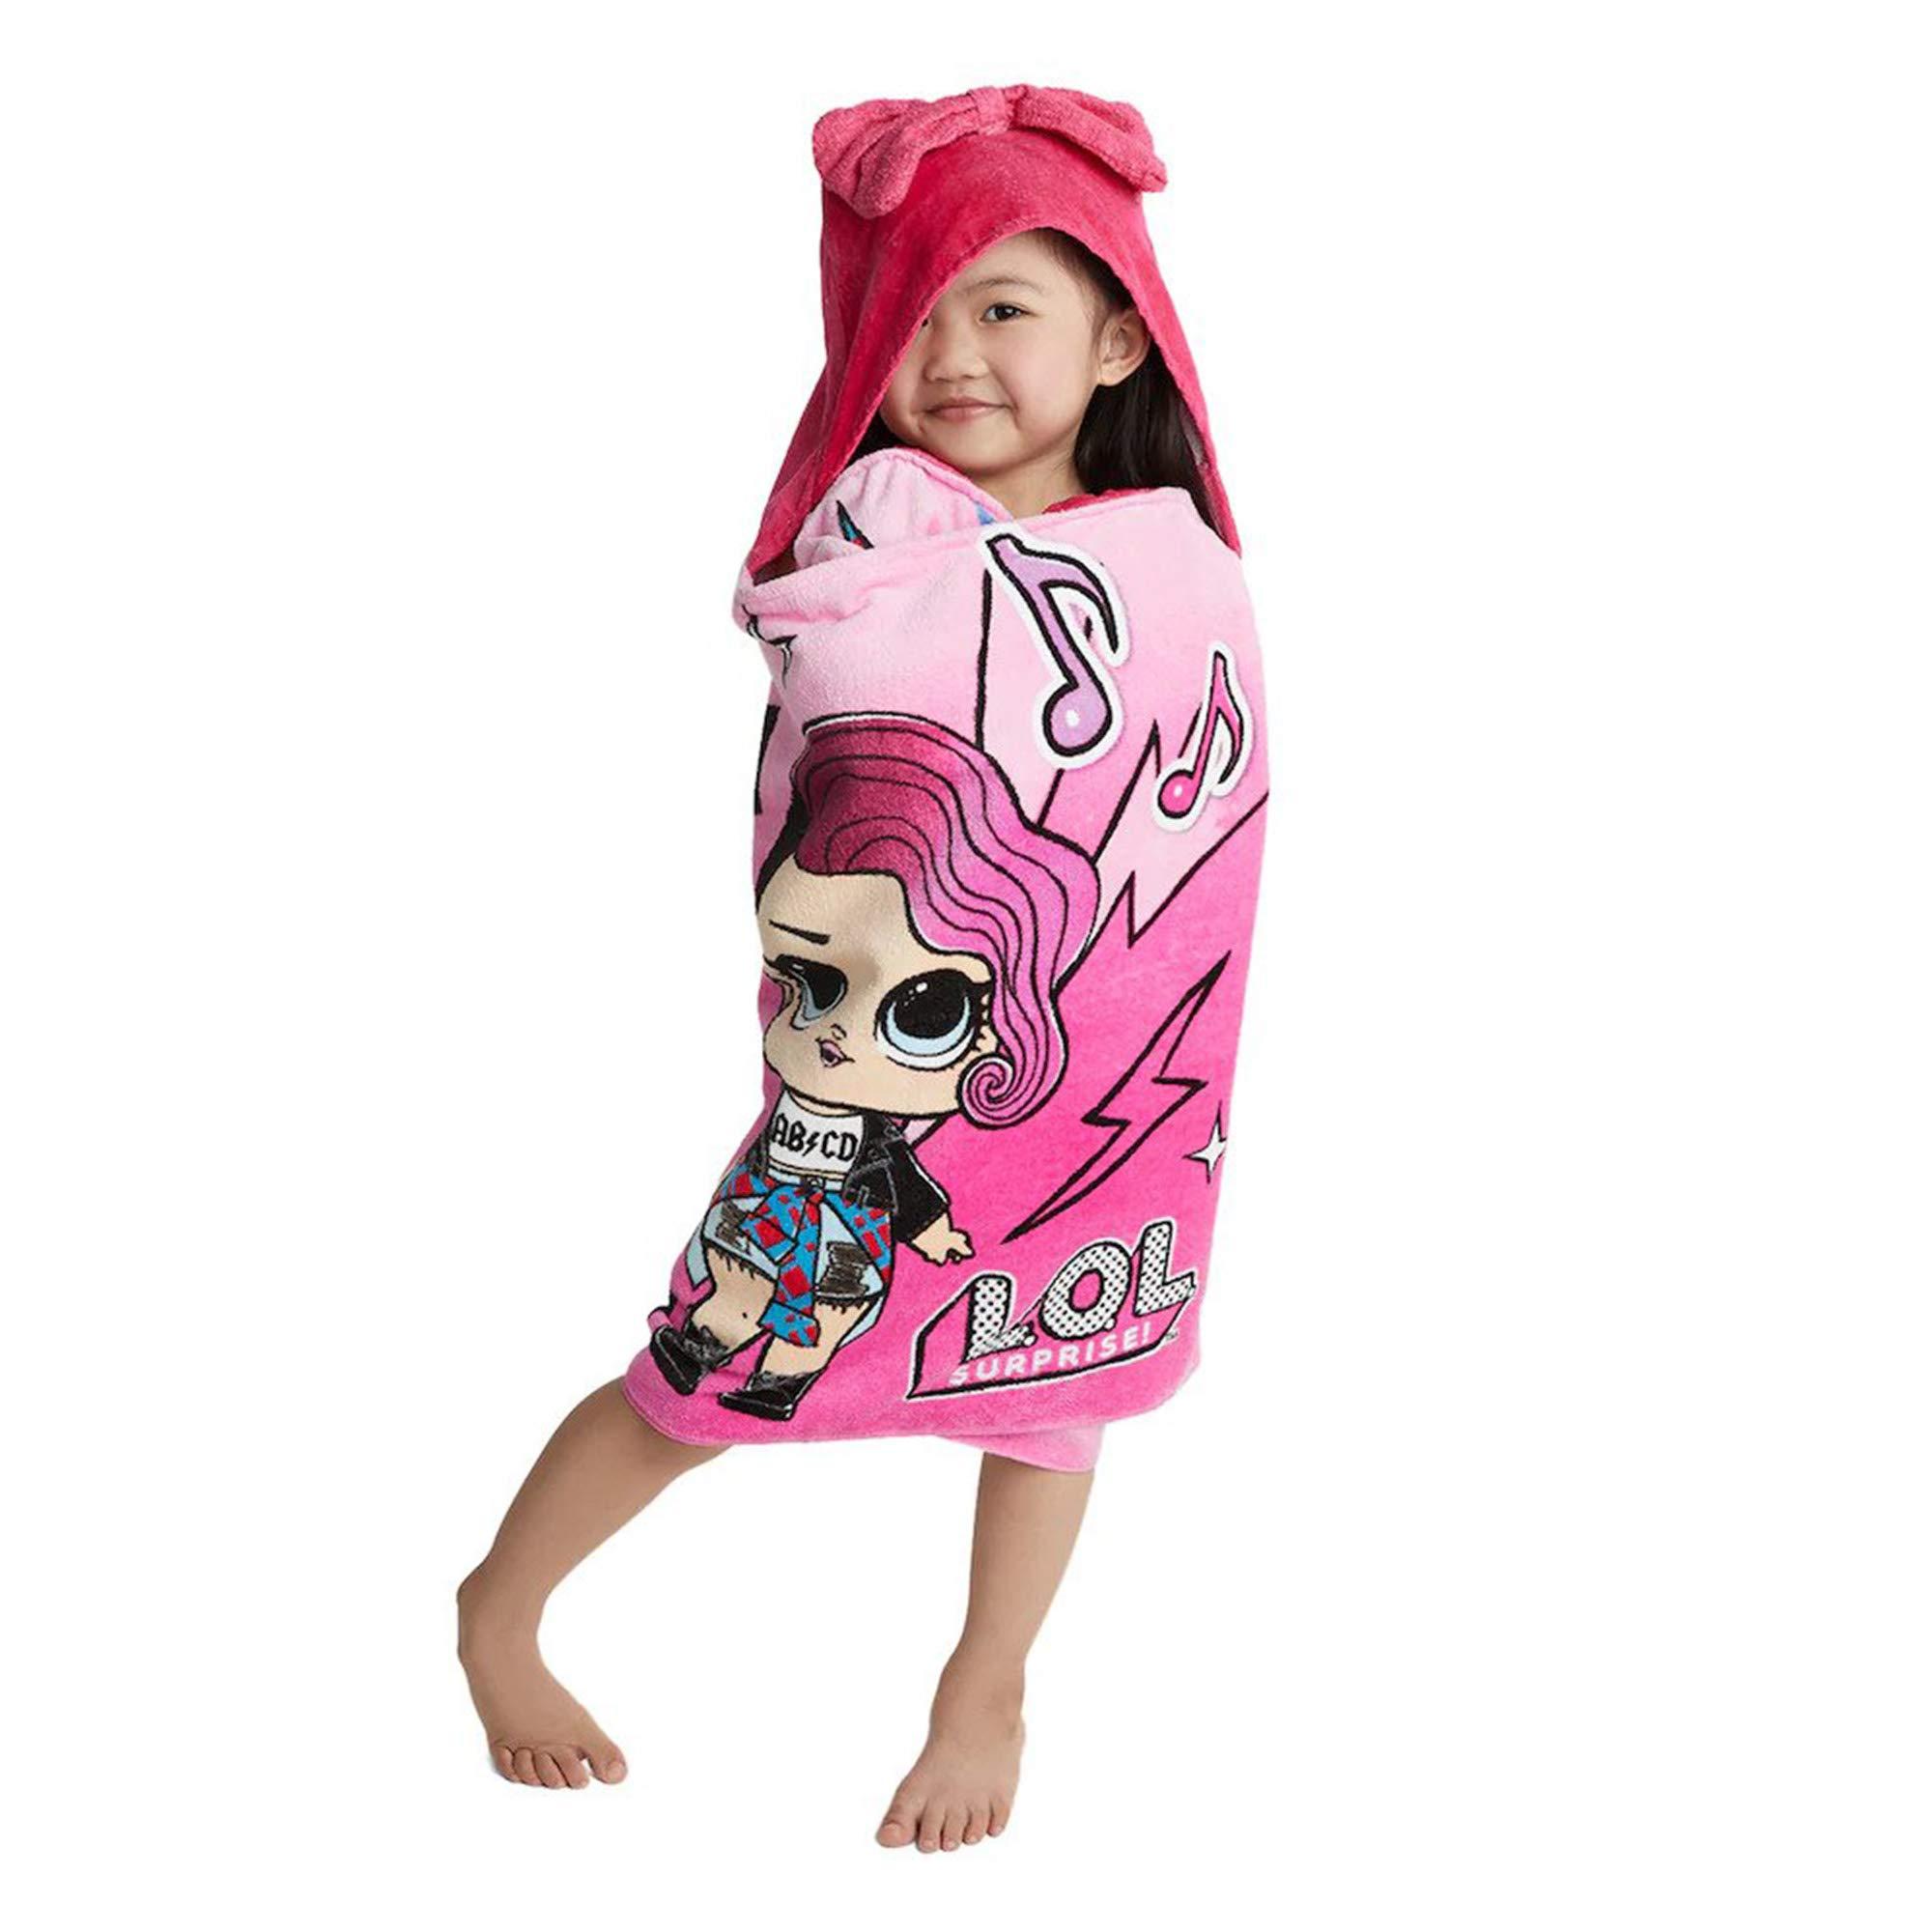 L.O.L. Surprise! Soft Cotton Hooded Bath Towel Wrap 24'' x 50'' Pink by L.O.L. Surprise!